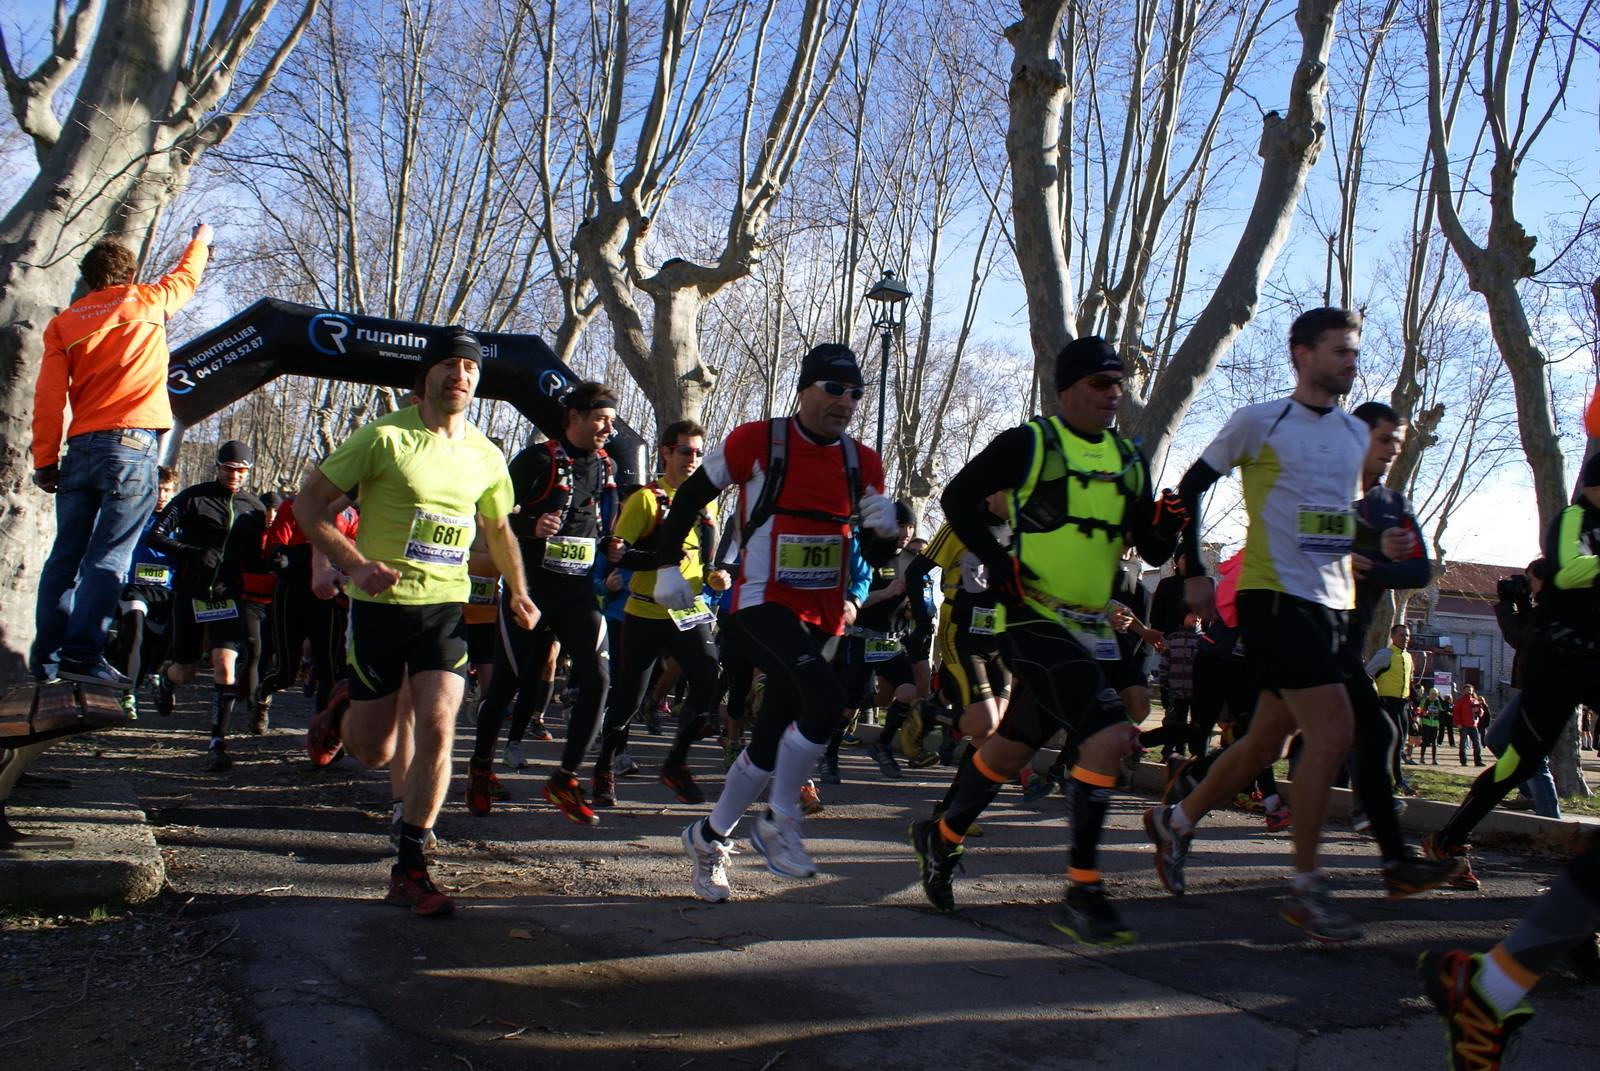 Plan Cul Amateur Vers Soissons Pour Une Baise Cougar Libertine